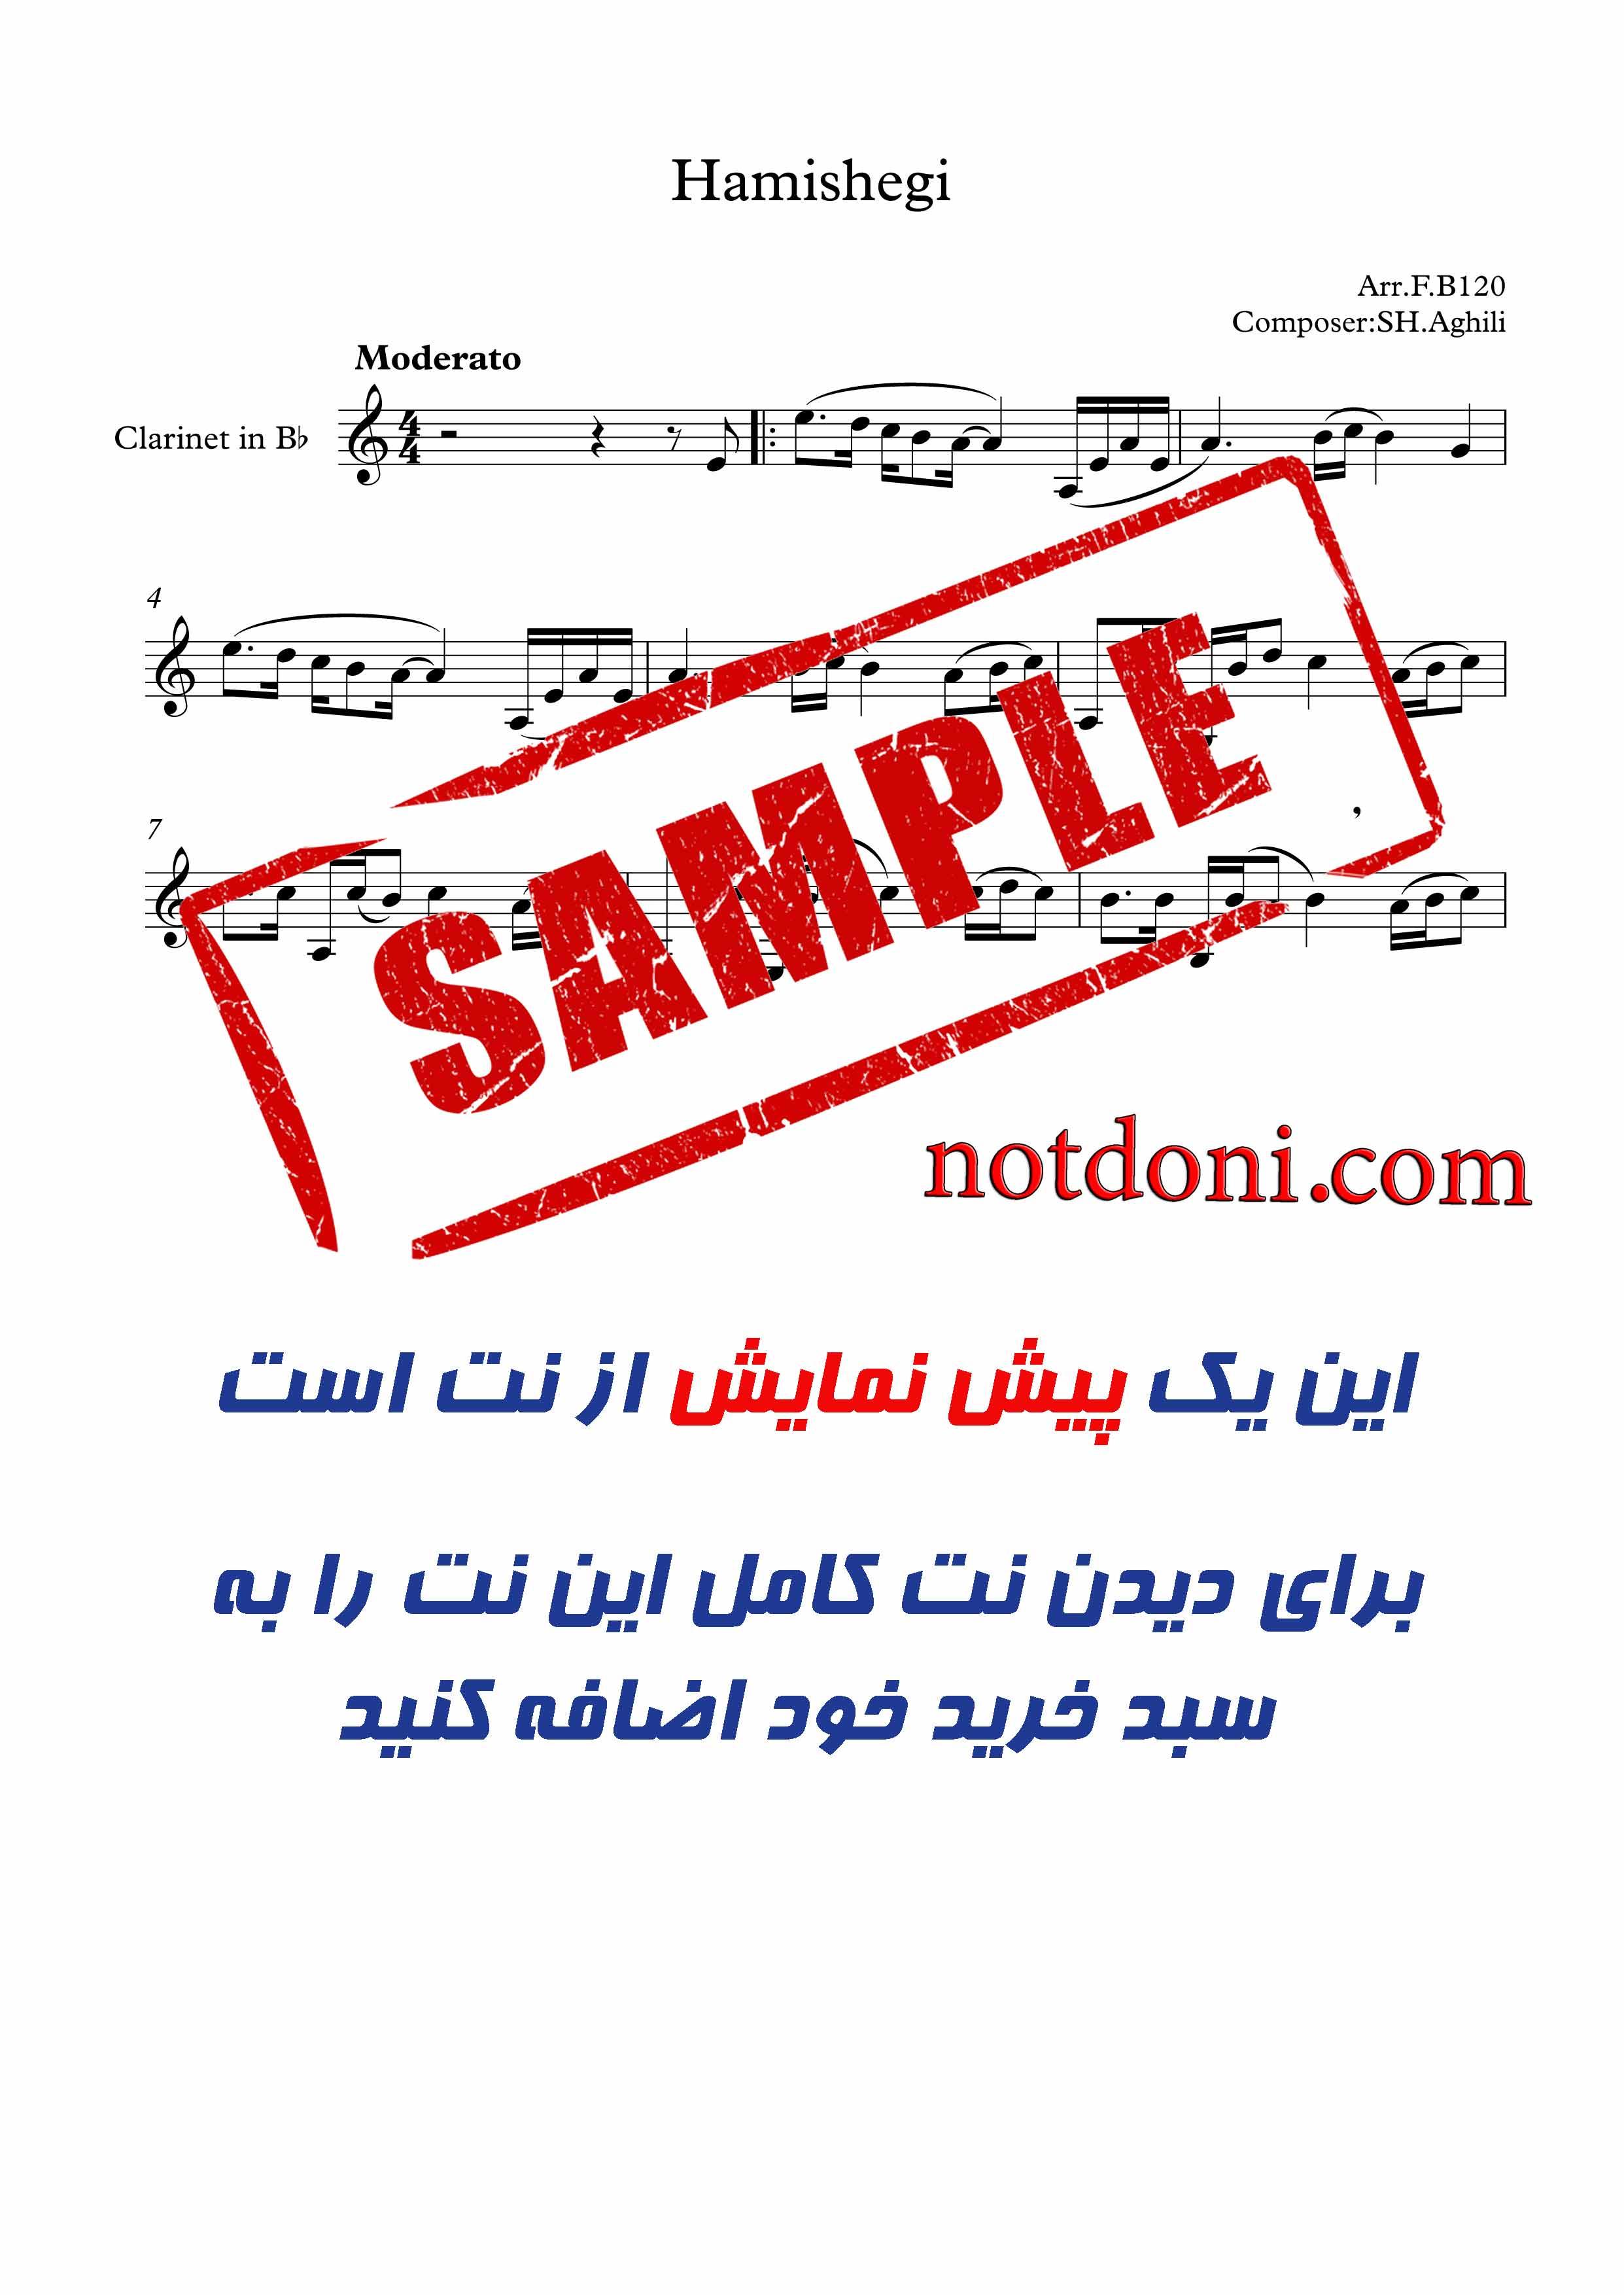 f8f08844-2222-4650-9915-ec9651789914_دموی-نت-آهنگ-همیشگی.jpg